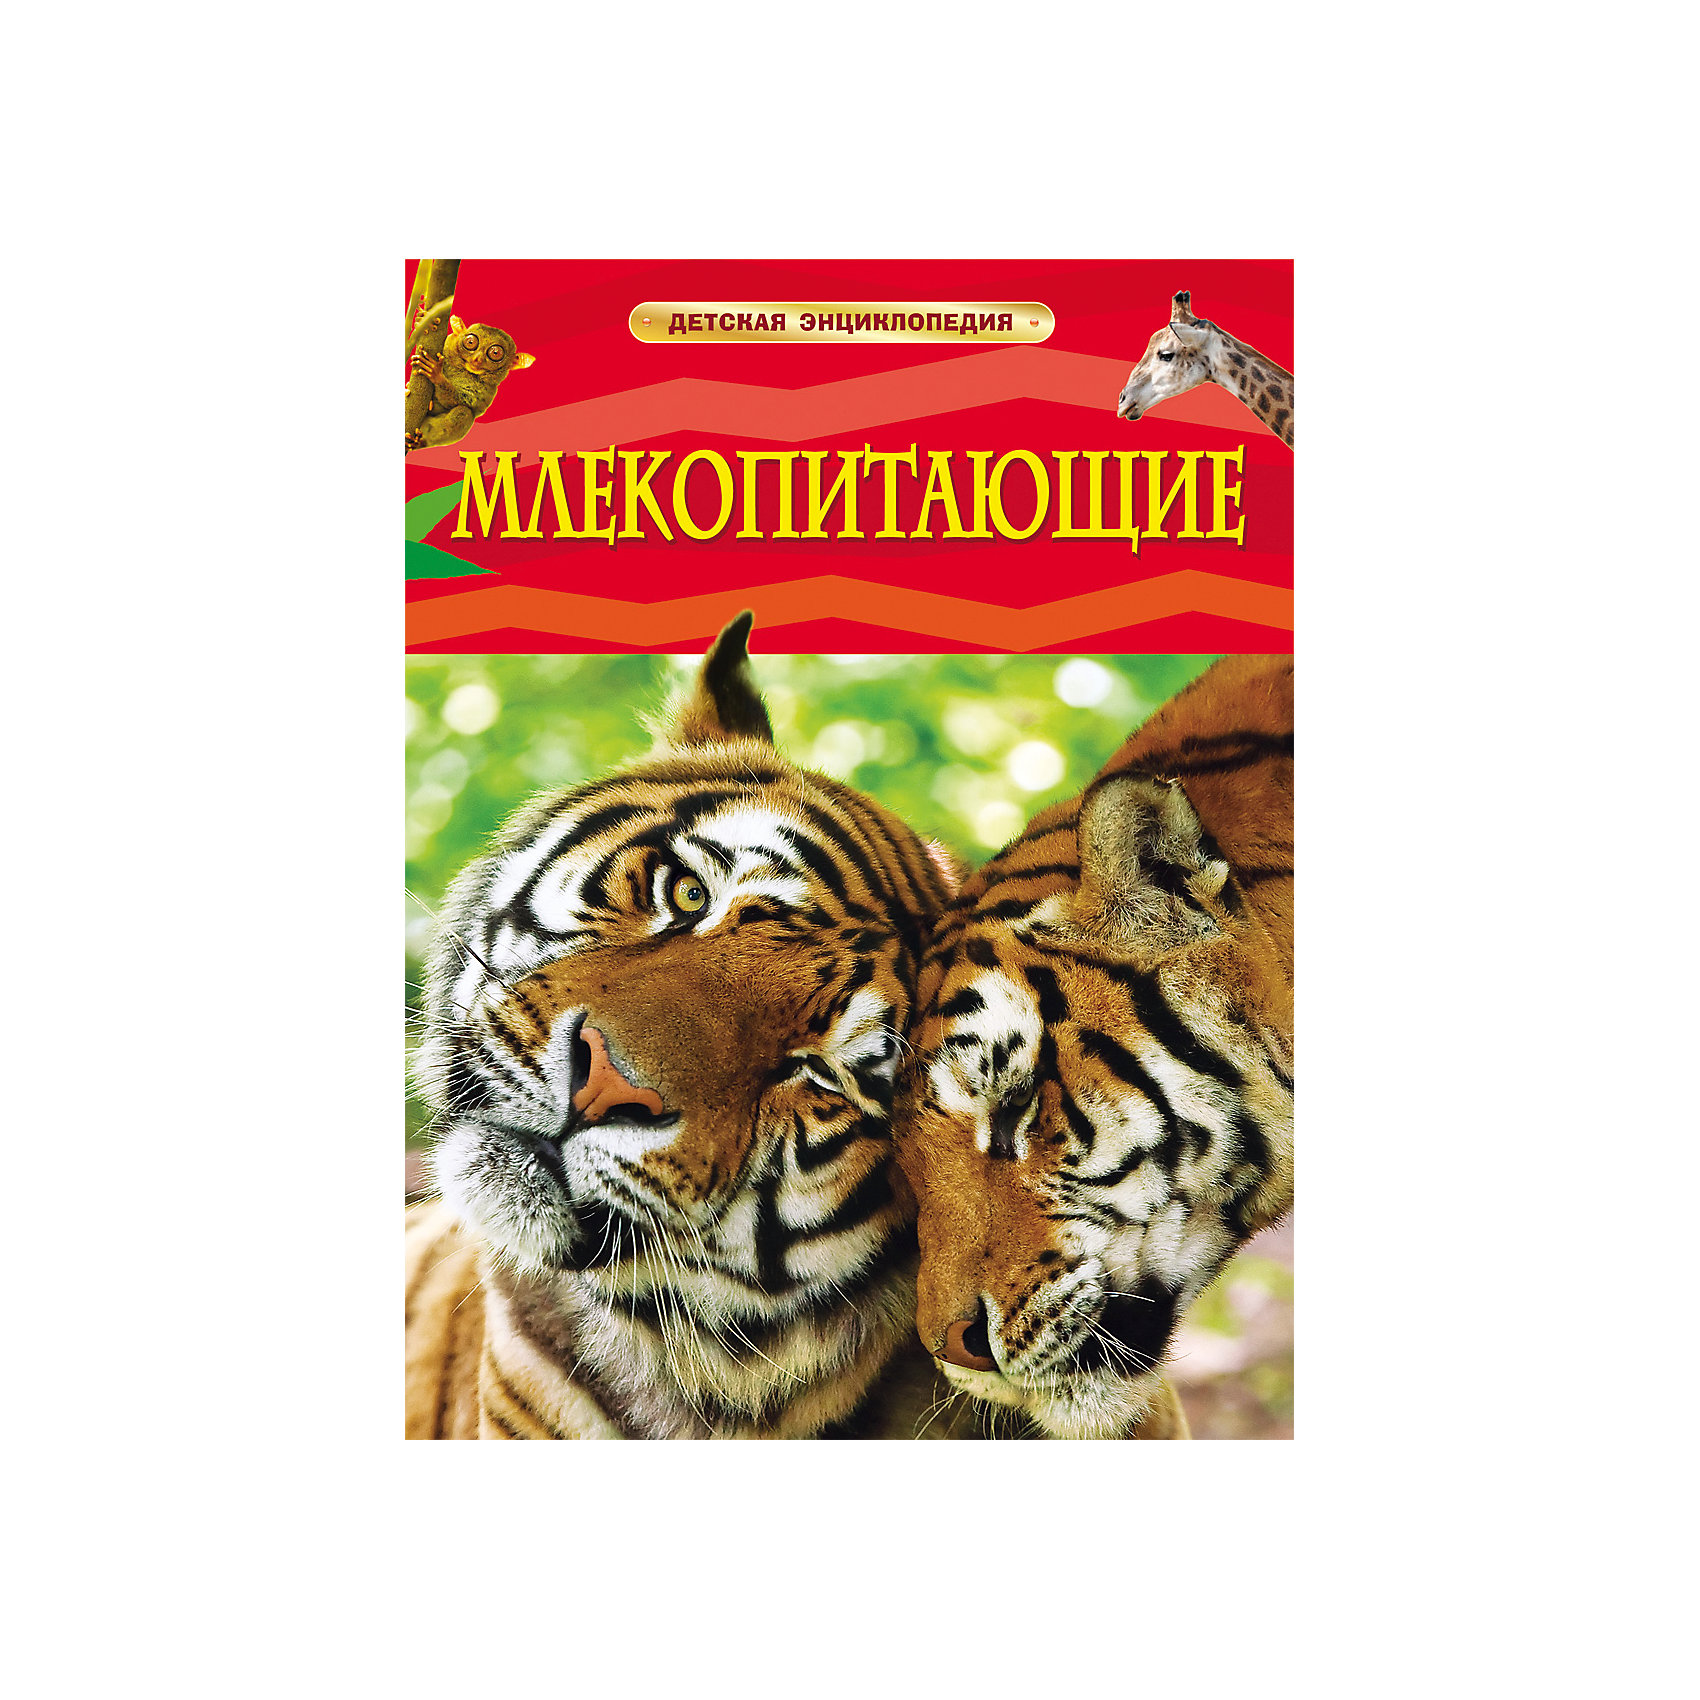 Млекопитающие, Детская энциклопедияЭнциклопедии о животных<br>Характеристики товара:<br><br>- цвет: разноцветный;<br>- материал: бумага;<br>- страниц: 48;<br>- формат: 20 x 26 см;<br>- обложка: твердая;<br>- цветные иллюстрации.<br><br>Эта интересная книга с иллюстрациями станет отличным подарком для ребенка. Она содержит в себе ответы на вопросы, которые интересуют малышей. Всё представлено в очень простой форме! Талантливый иллюстратор дополнил книгу качественными рисунками, которые помогают ребенку понять суть многих вещей в нашем мире. Удивительные и интересные факты помогут привить любовь к учебе!<br>Чтение - отличный способ активизации мышления, оно помогает ребенку развивать зрительную память, концентрацию внимания и воображение. Издание произведено из качественных материалов, которые безопасны даже для самых маленьких.<br><br>Книгу Млекопитающие, Детская энциклопедия от компании Росмэн можно купить в нашем интернет-магазине.<br><br>Ширина мм: 265<br>Глубина мм: 205<br>Высота мм: 5<br>Вес г: 337<br>Возраст от месяцев: 60<br>Возраст до месяцев: 84<br>Пол: Унисекс<br>Возраст: Детский<br>SKU: 5109969